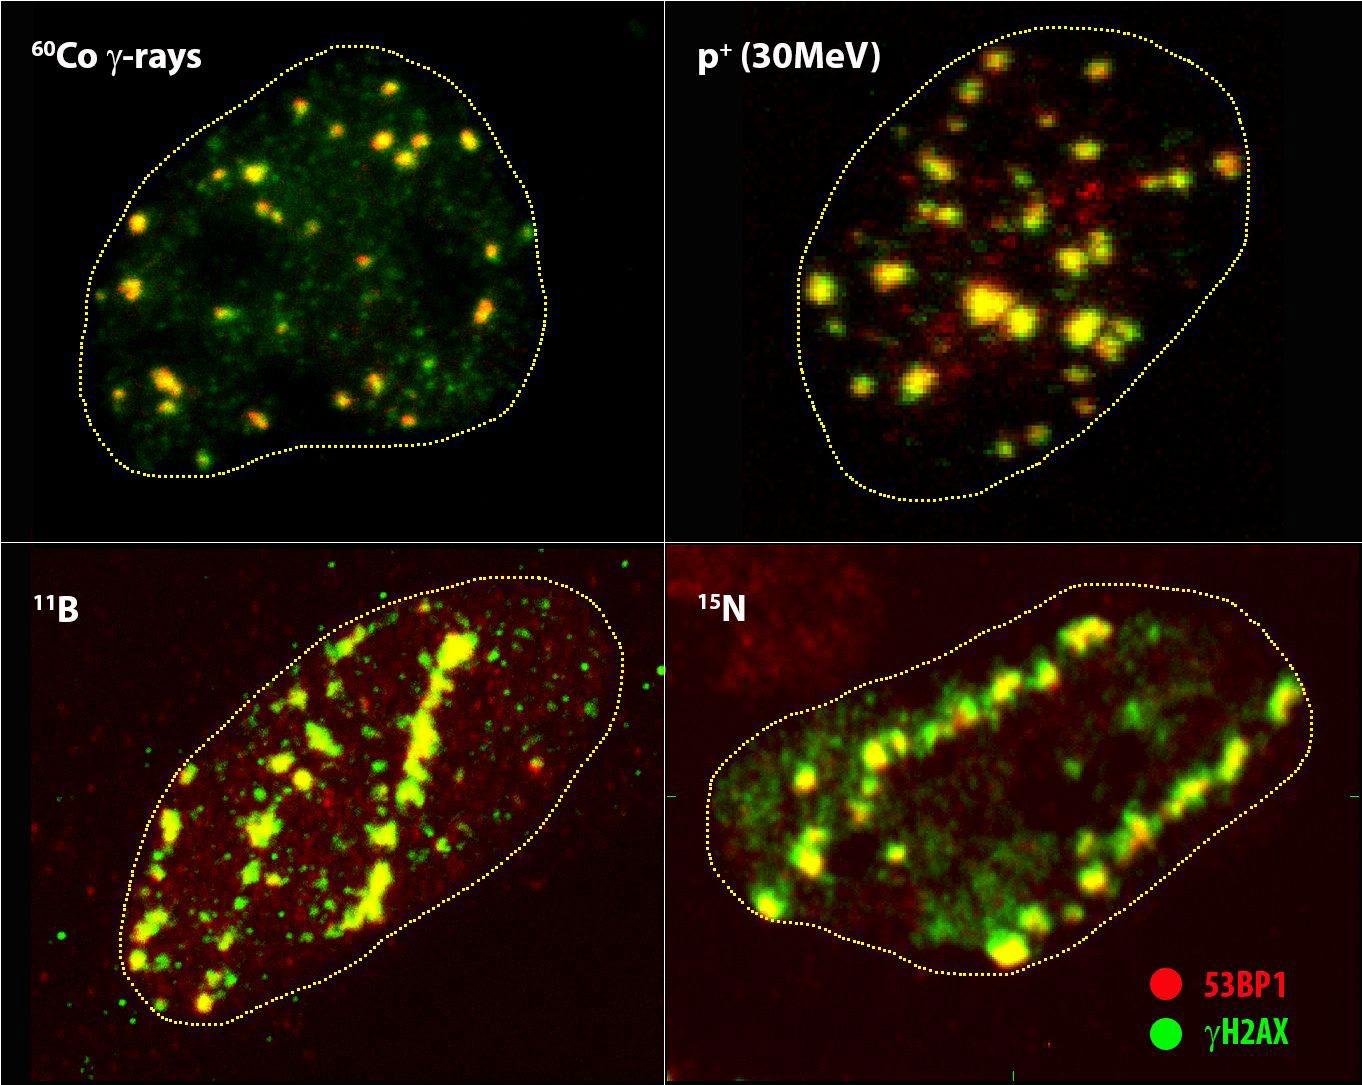 Mikroskopická struktura a jaderná distribuce ohnisek IRIF (γH2AX = zelená, 53BP1 = červená) generovaných indikovanými druhy ionizujícího záření vzájemně se lišícími energií a lineárním přenosem energie (LET) (viz tab. 1).